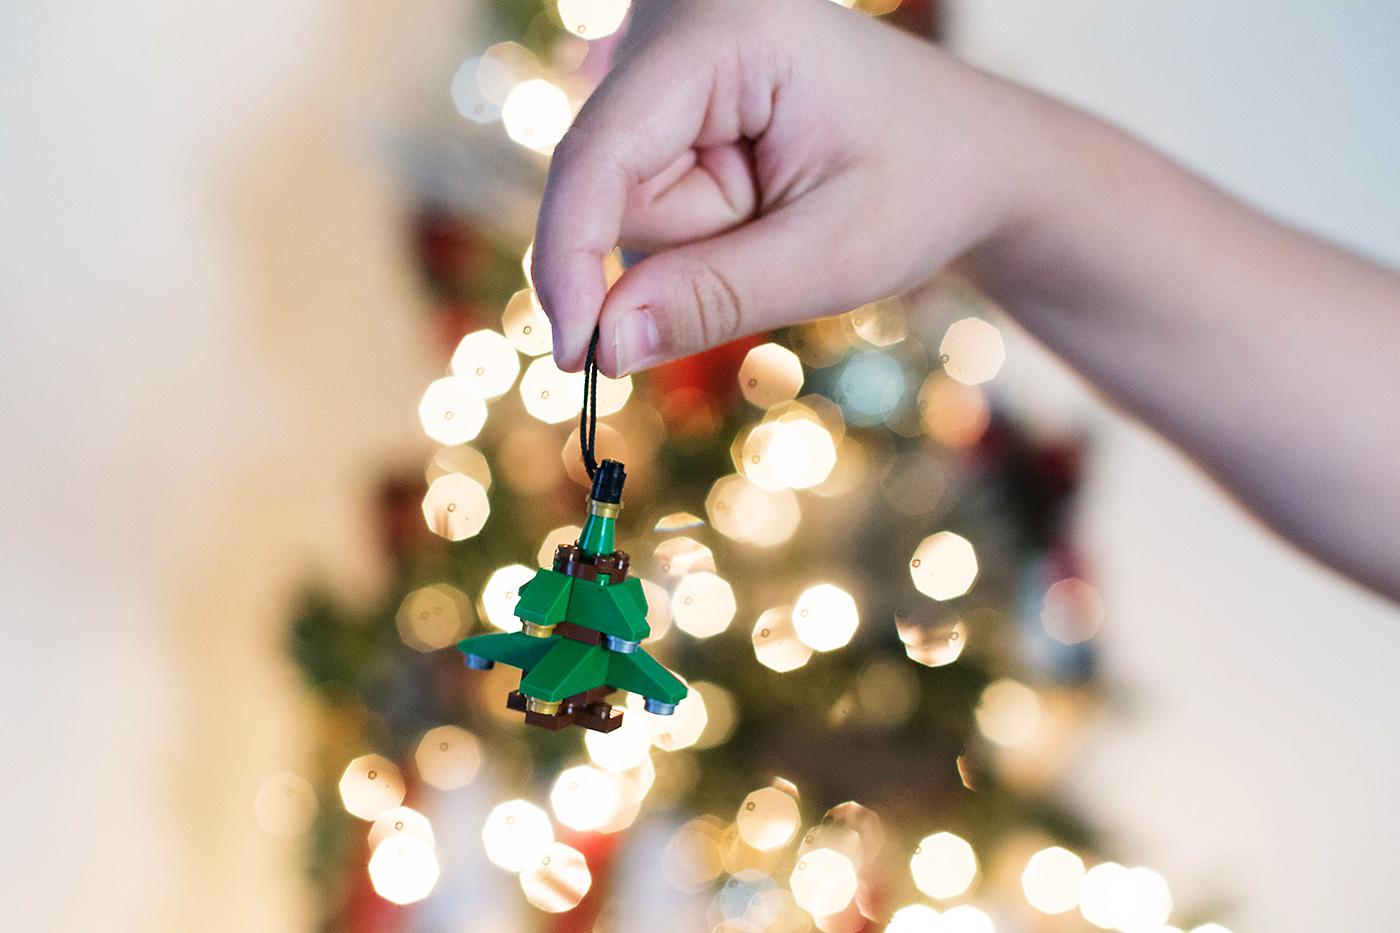 Easy DIY LEGO ornaments